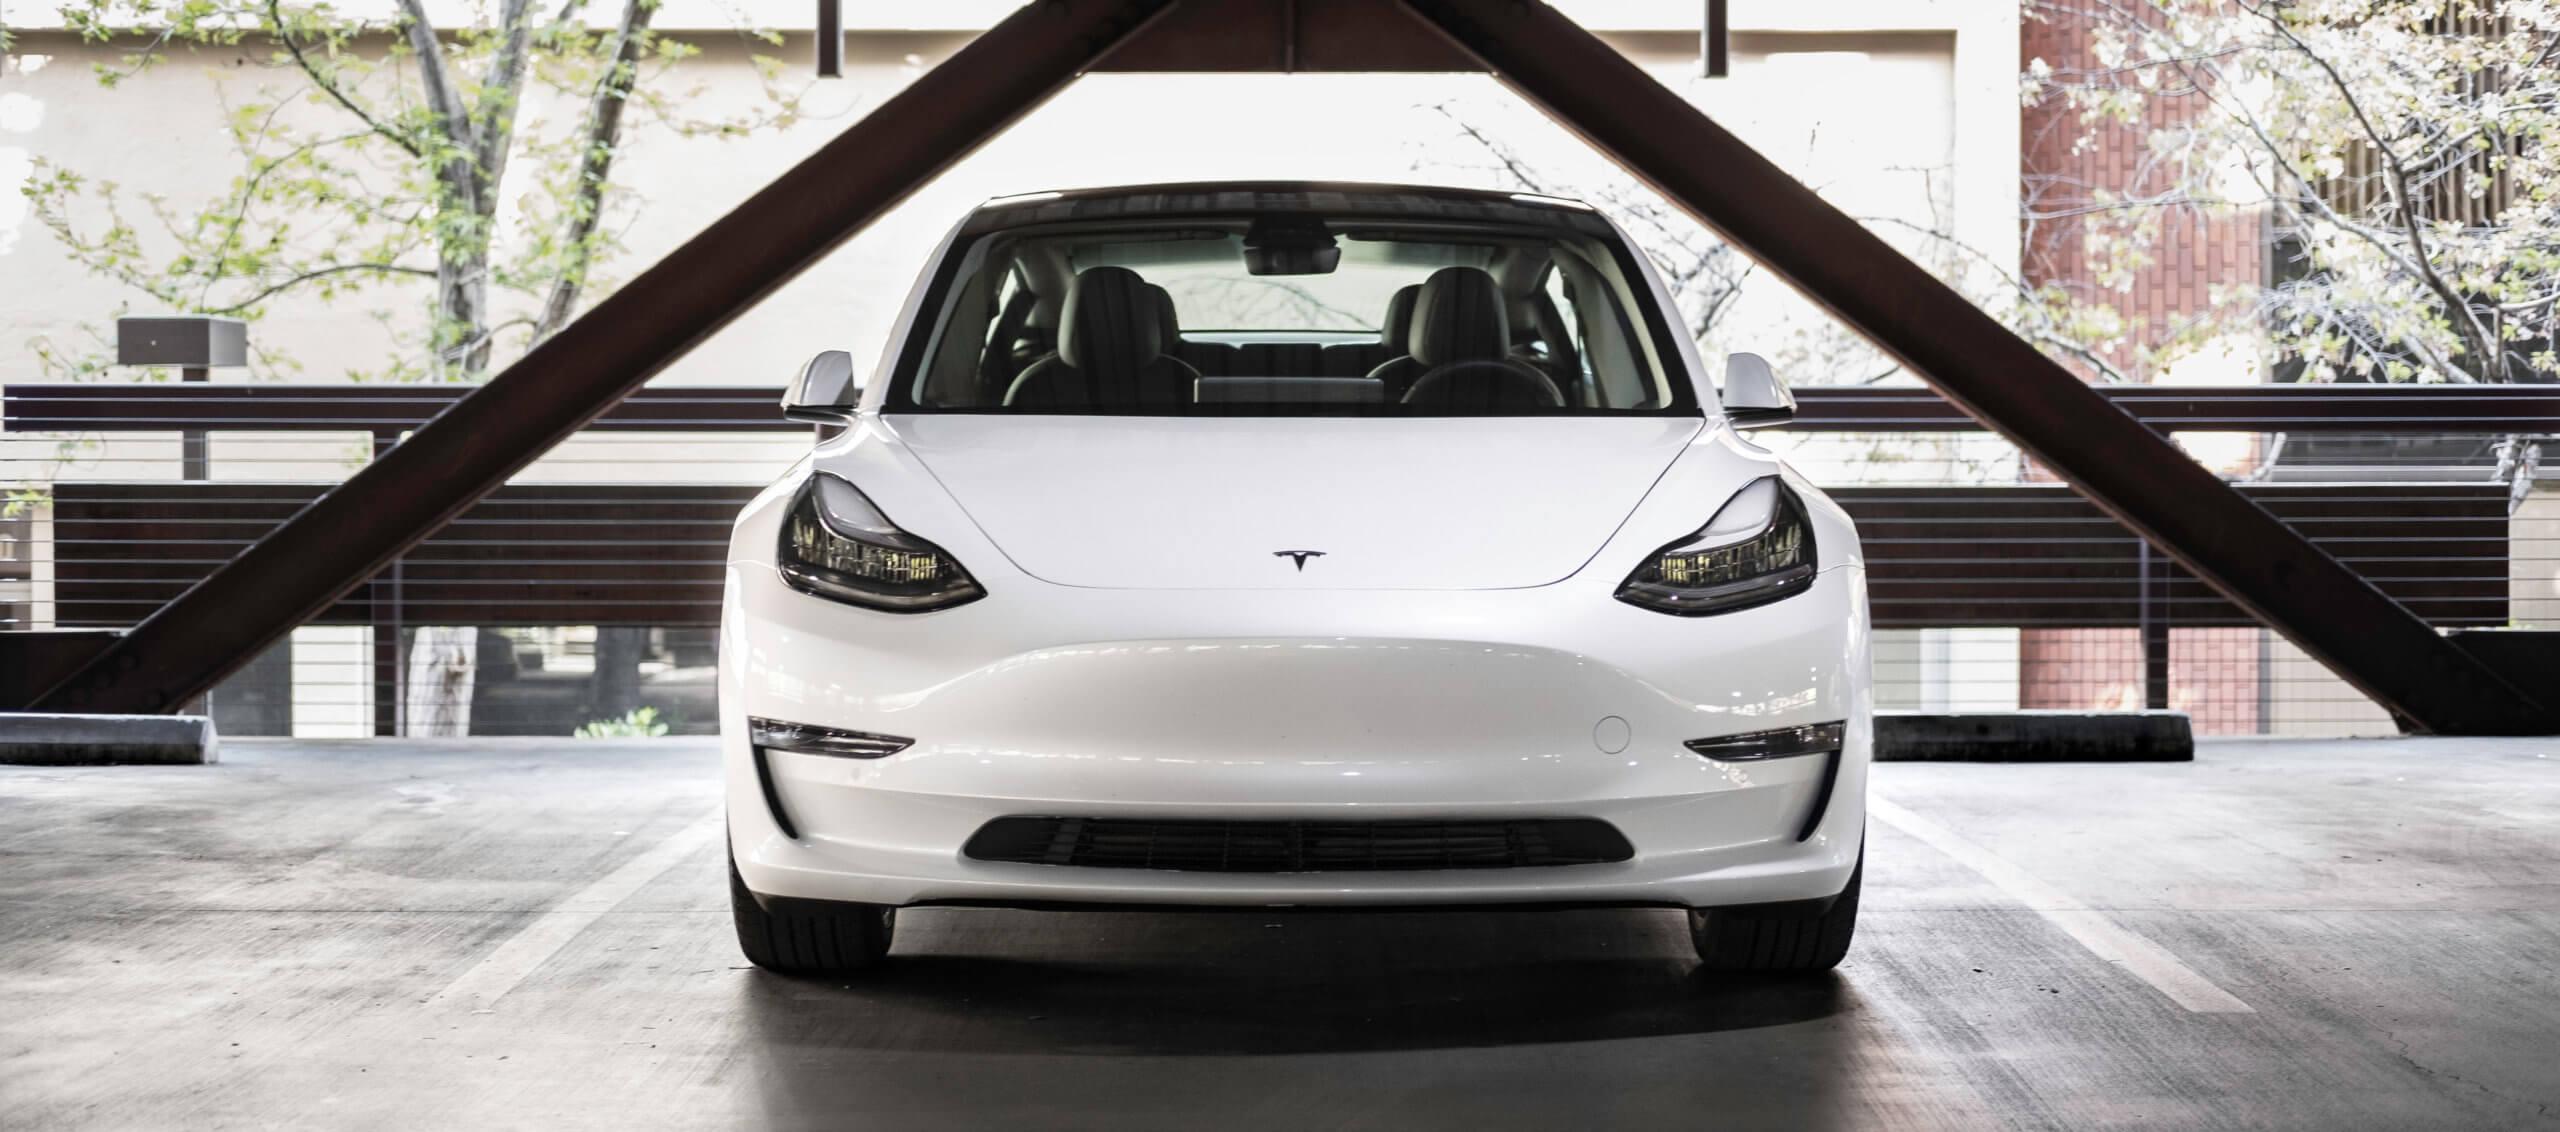 Automotive trends White Tesla Model 3 parked